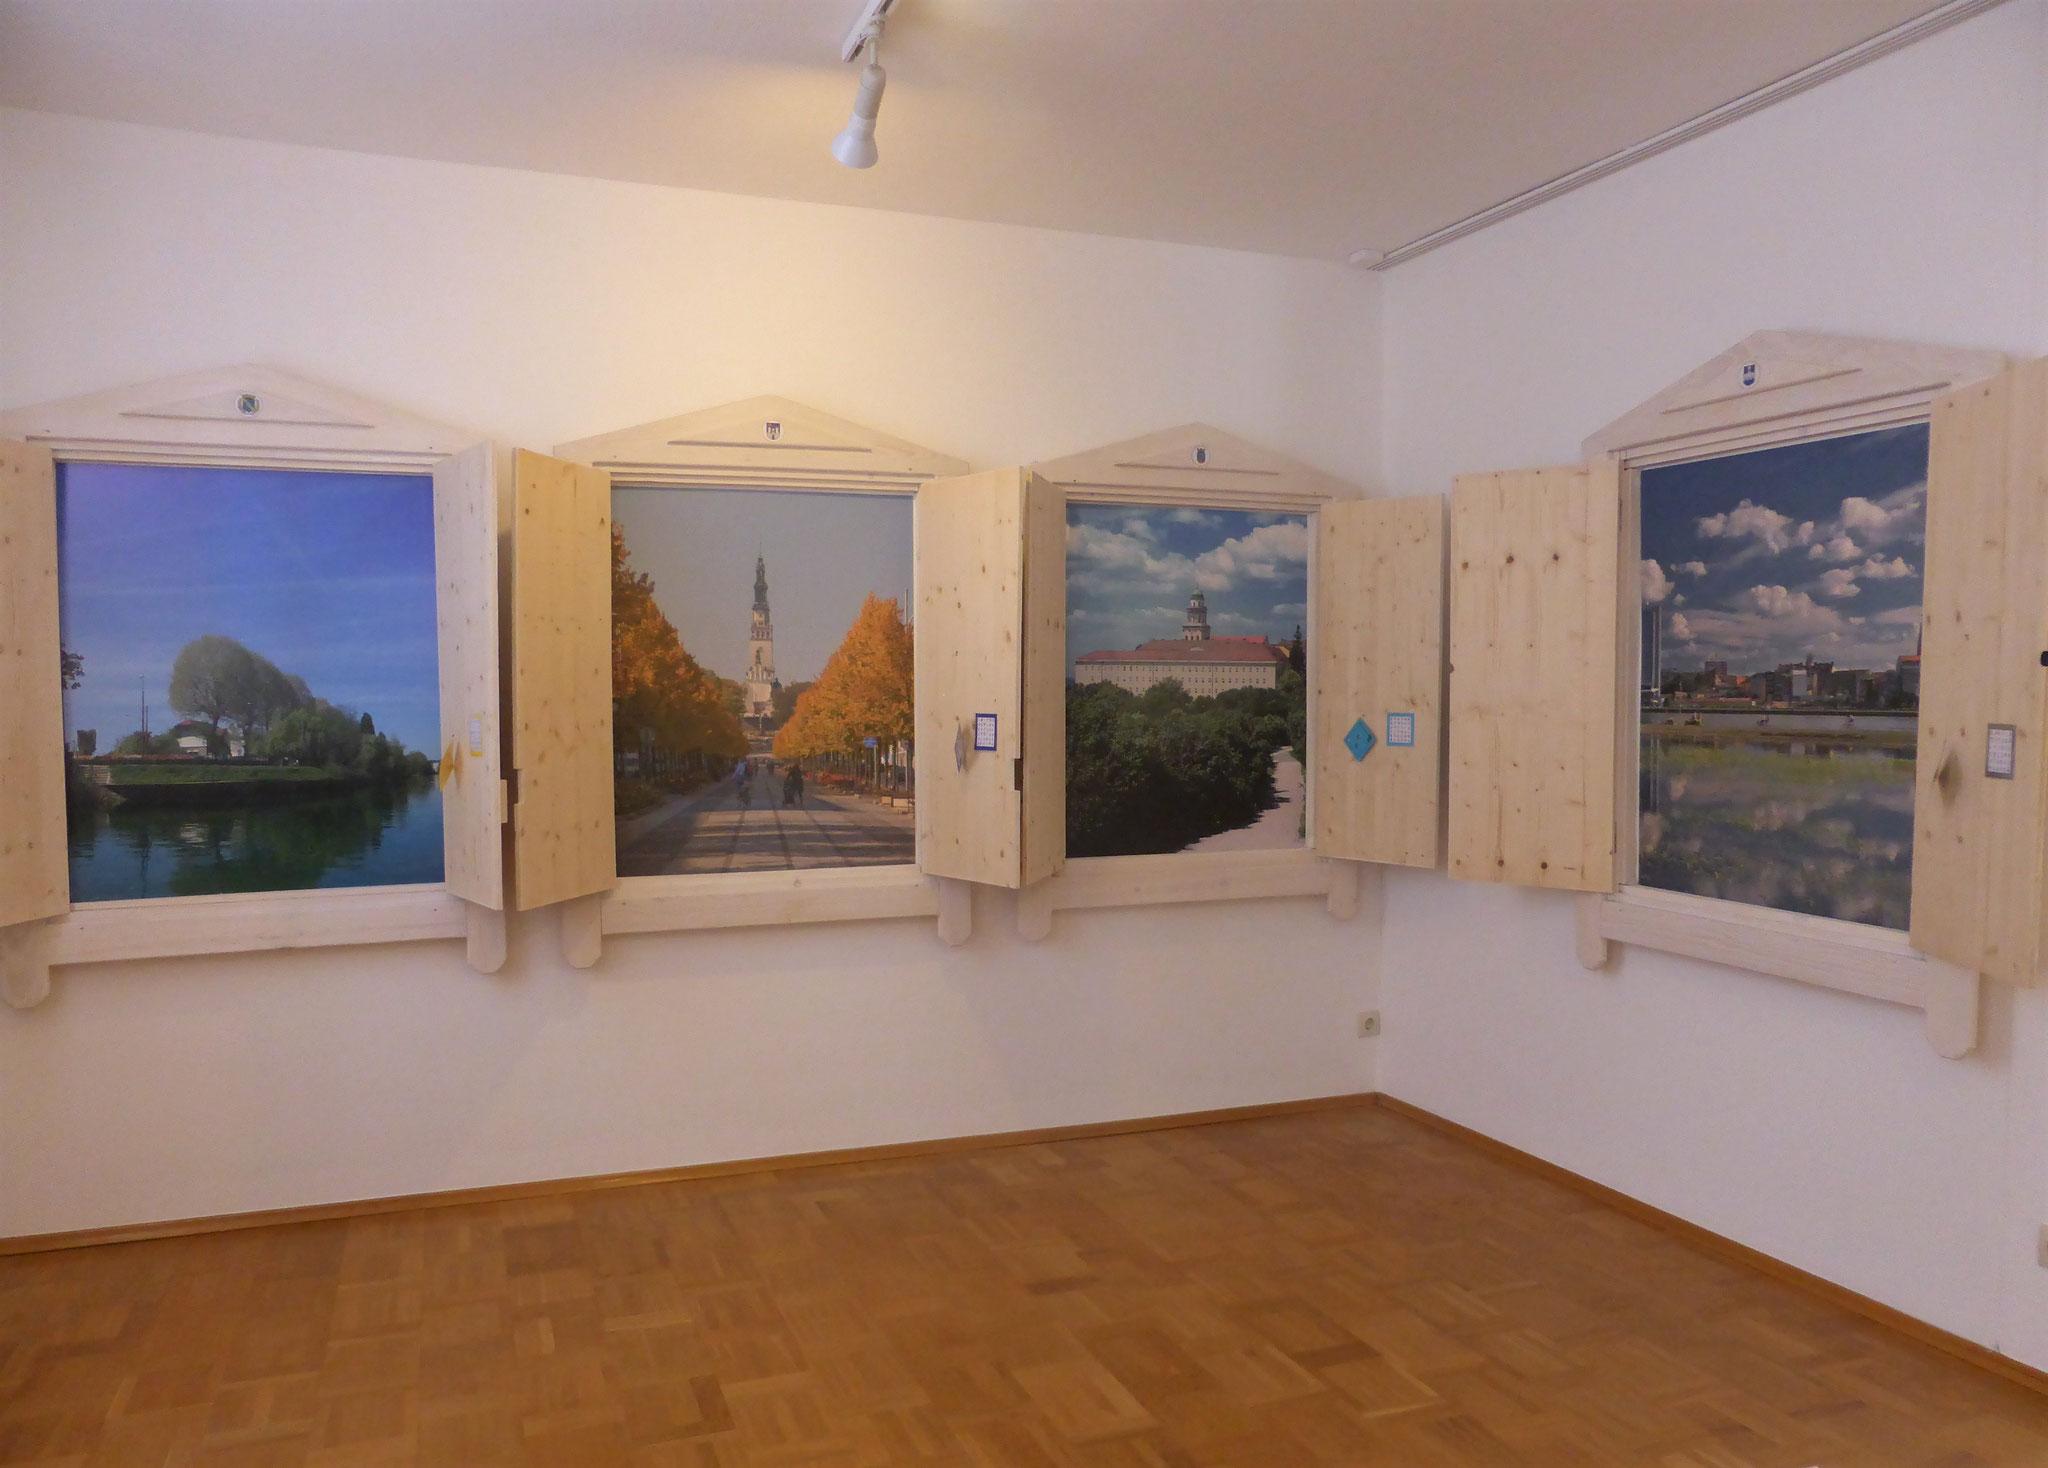 Geschlossene und geöffnete Fenster von Saint-Maur des Fossés (F), Częstochowa (PL),  Komitat Györ-Moson-Sopron (H) und Osijek (HR)